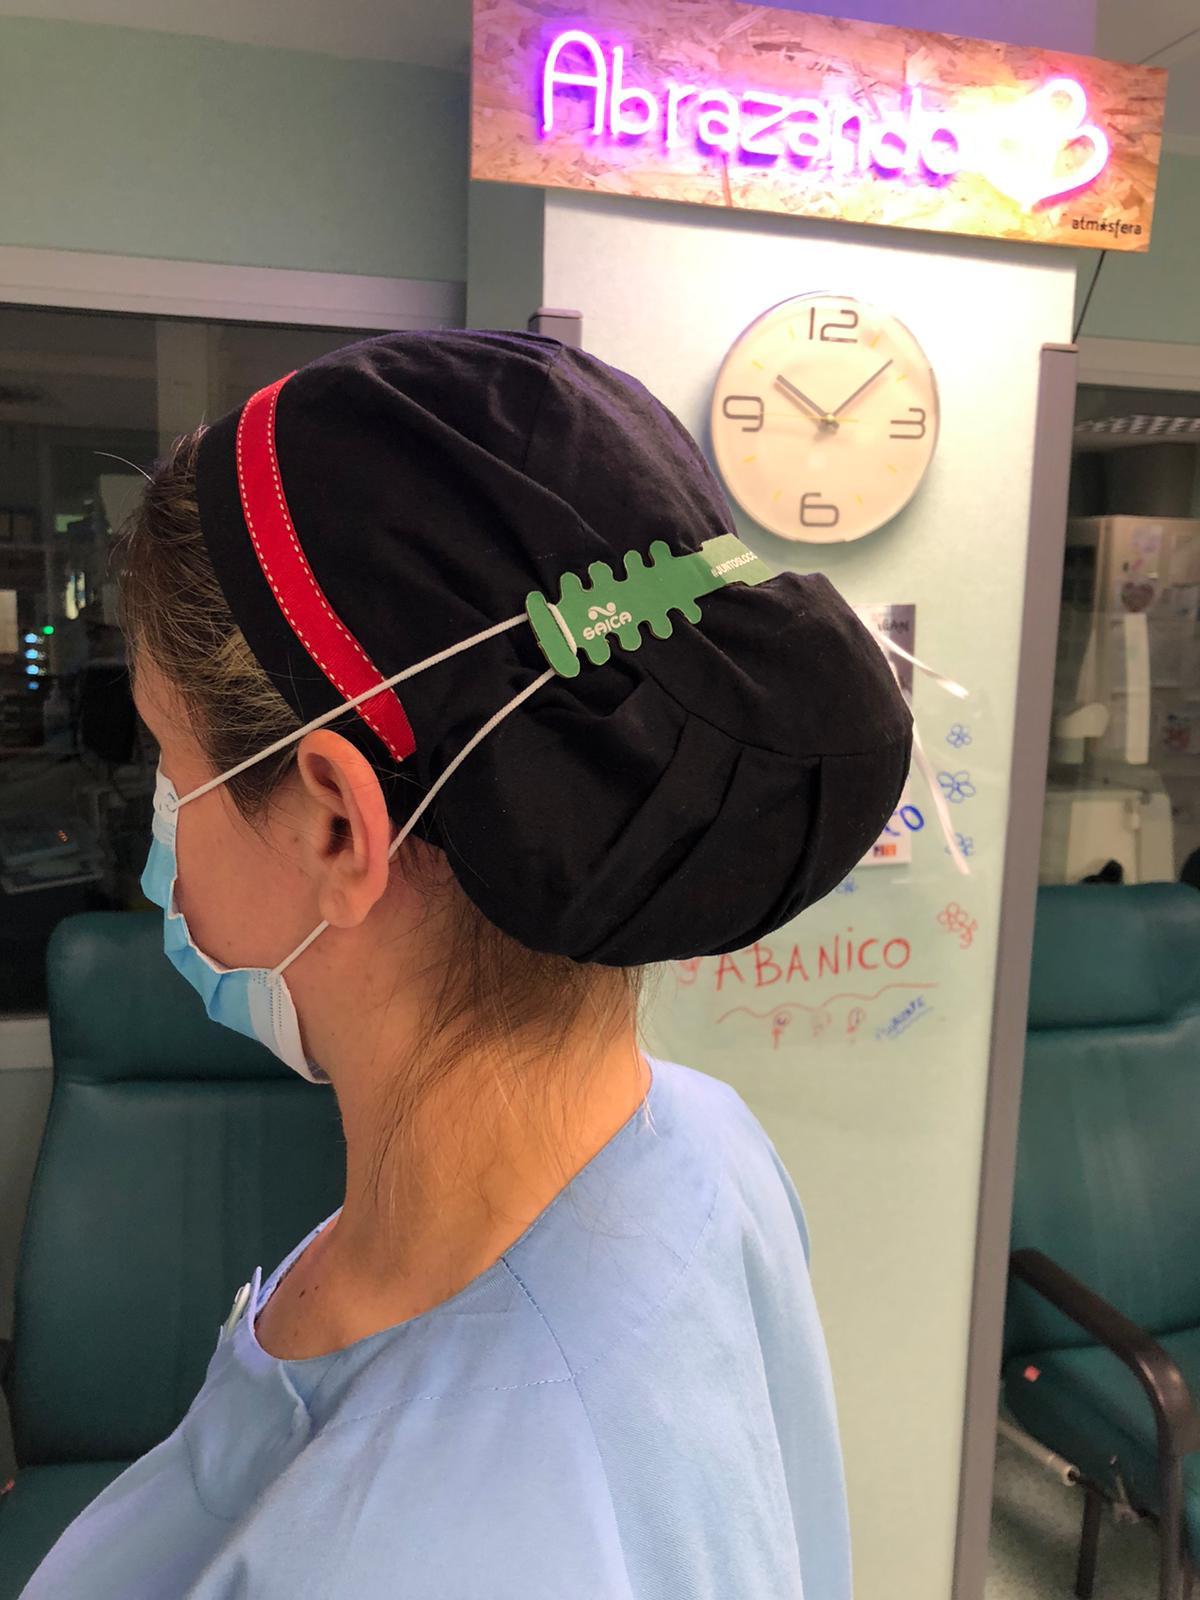 El personal sanitario usa el salva-orejas diseñado y fabricado por Grupo Saica